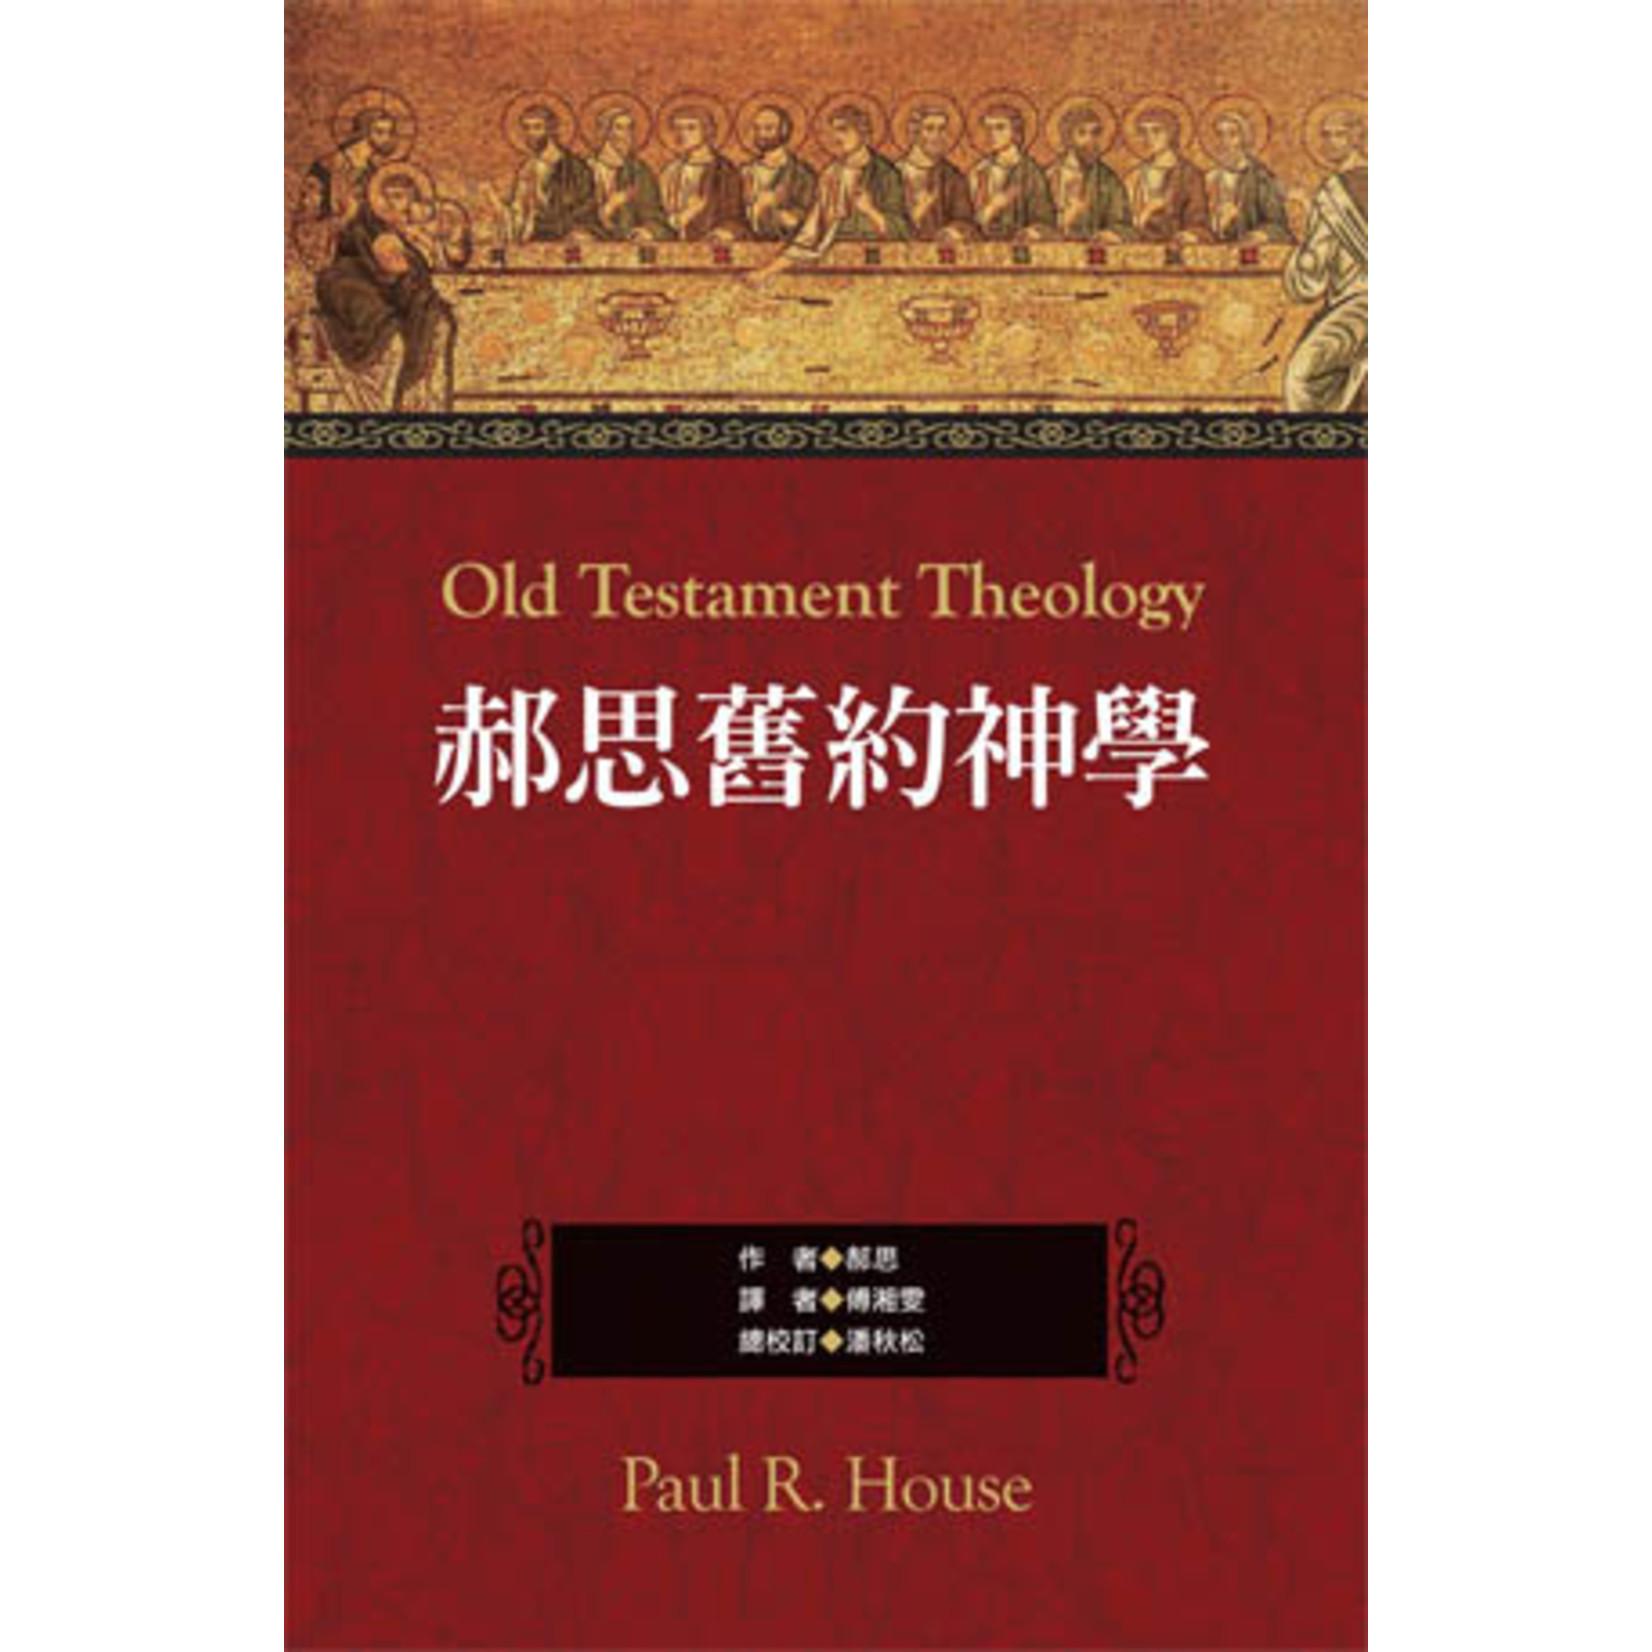 美國麥種傳道會 AKOWCM 郝思舊約神學(繁體) Old Testament Theology